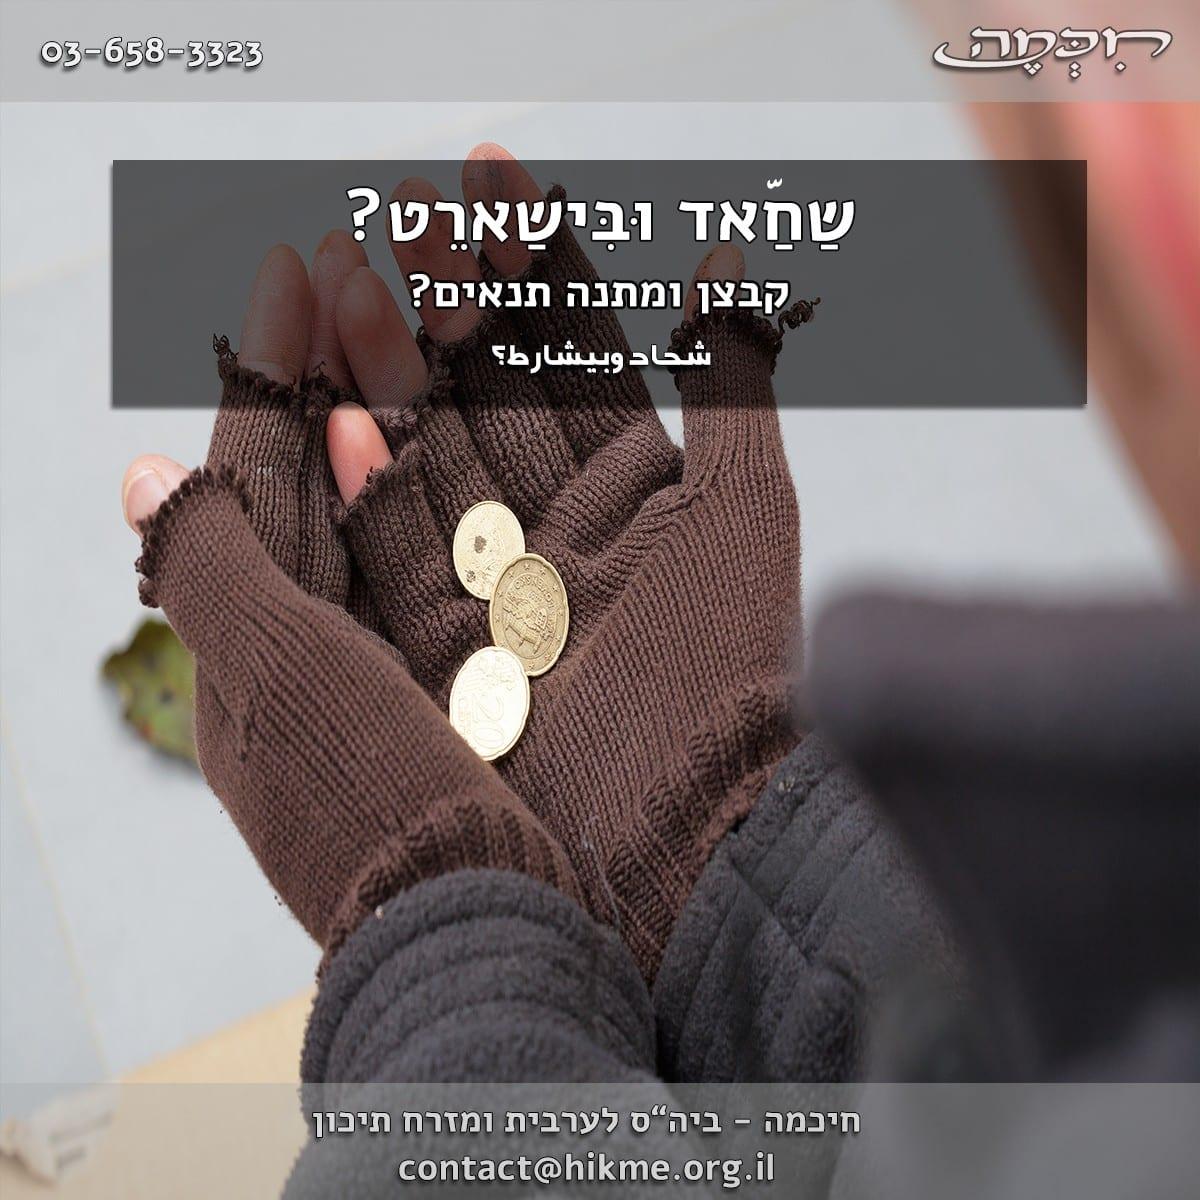 ביטוי בערבית קבצן ומתנה תנאים